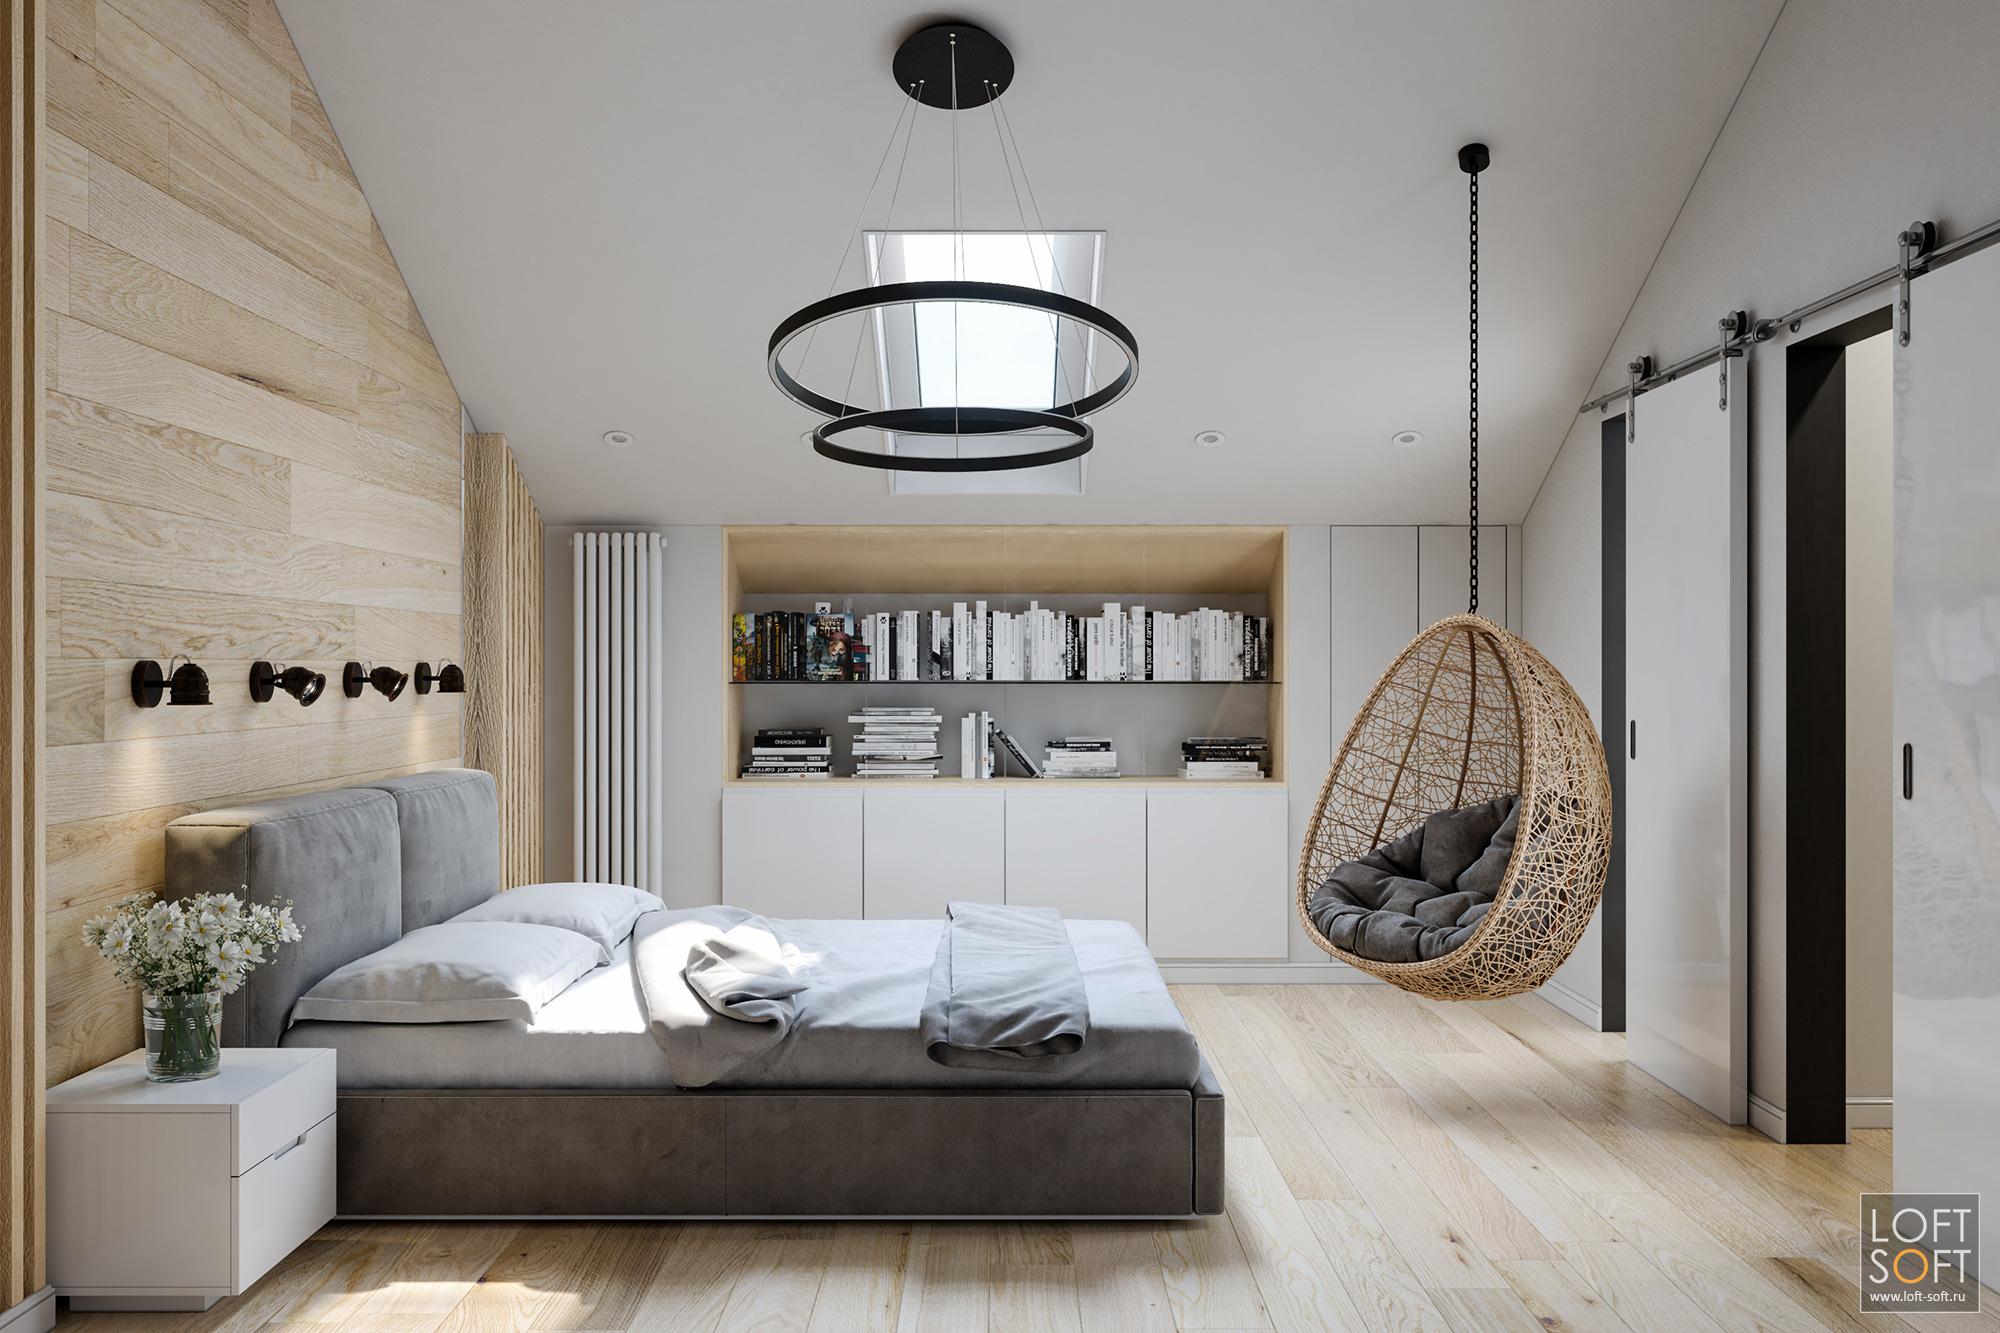 ламинат визголовье кровати, рейки настене, декор спальни, современная спальня